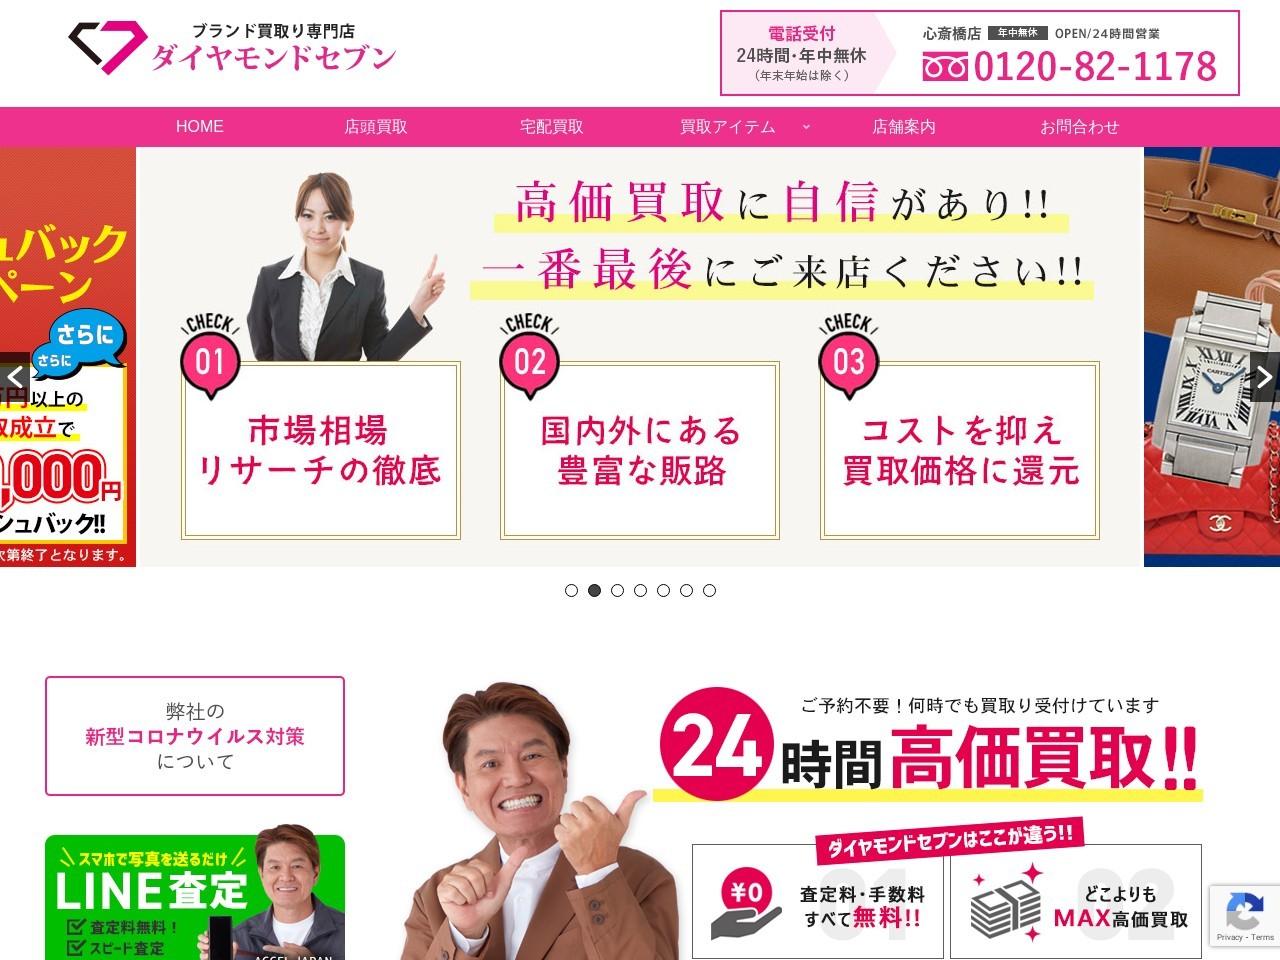 大阪・心斎橋でのブランド品の買取・質屋なら 【ダイヤモンドセブン】新宿・歌舞伎町がオープン!